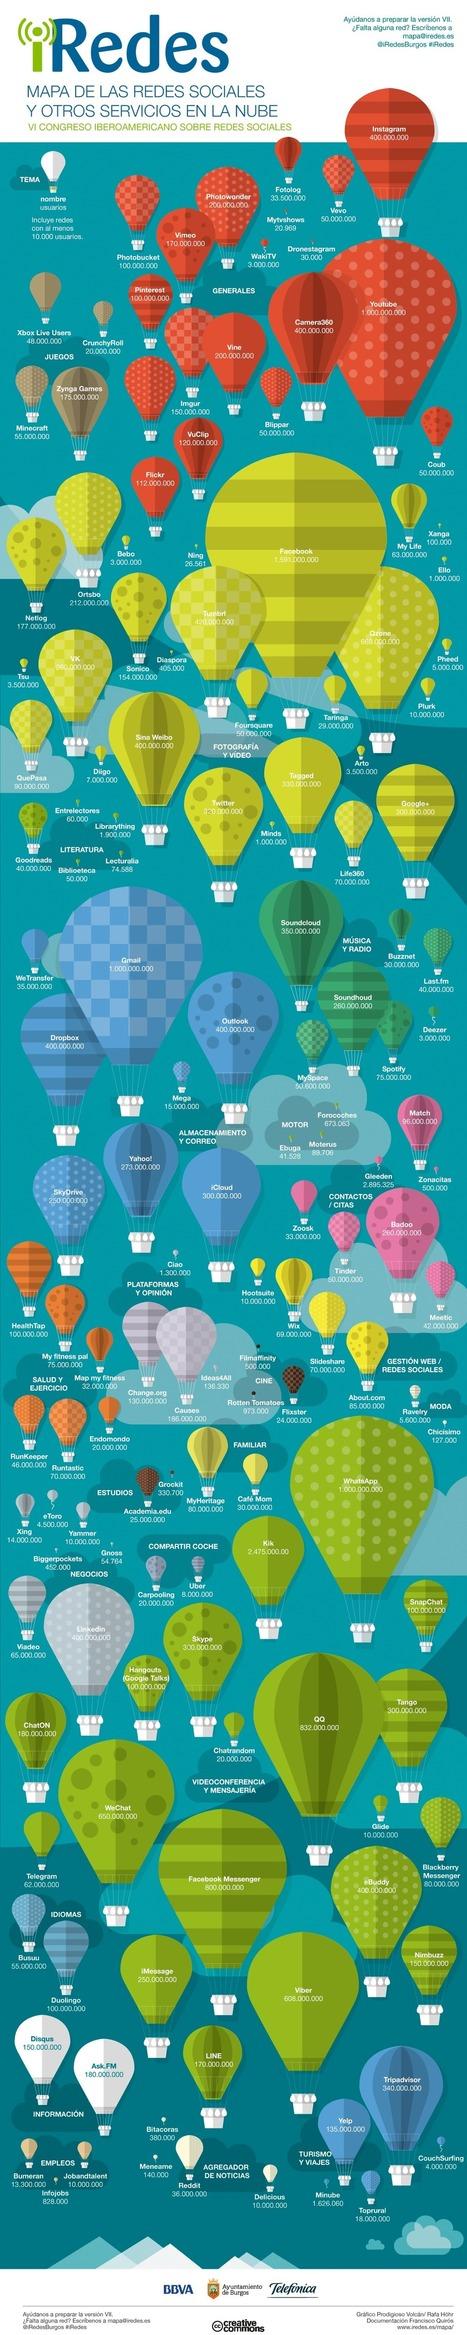 Mapa completo de las Redes Sociales (y otros servicios en la Nube) #infografia #socialmedia   GuadaTIC   Scoop.it